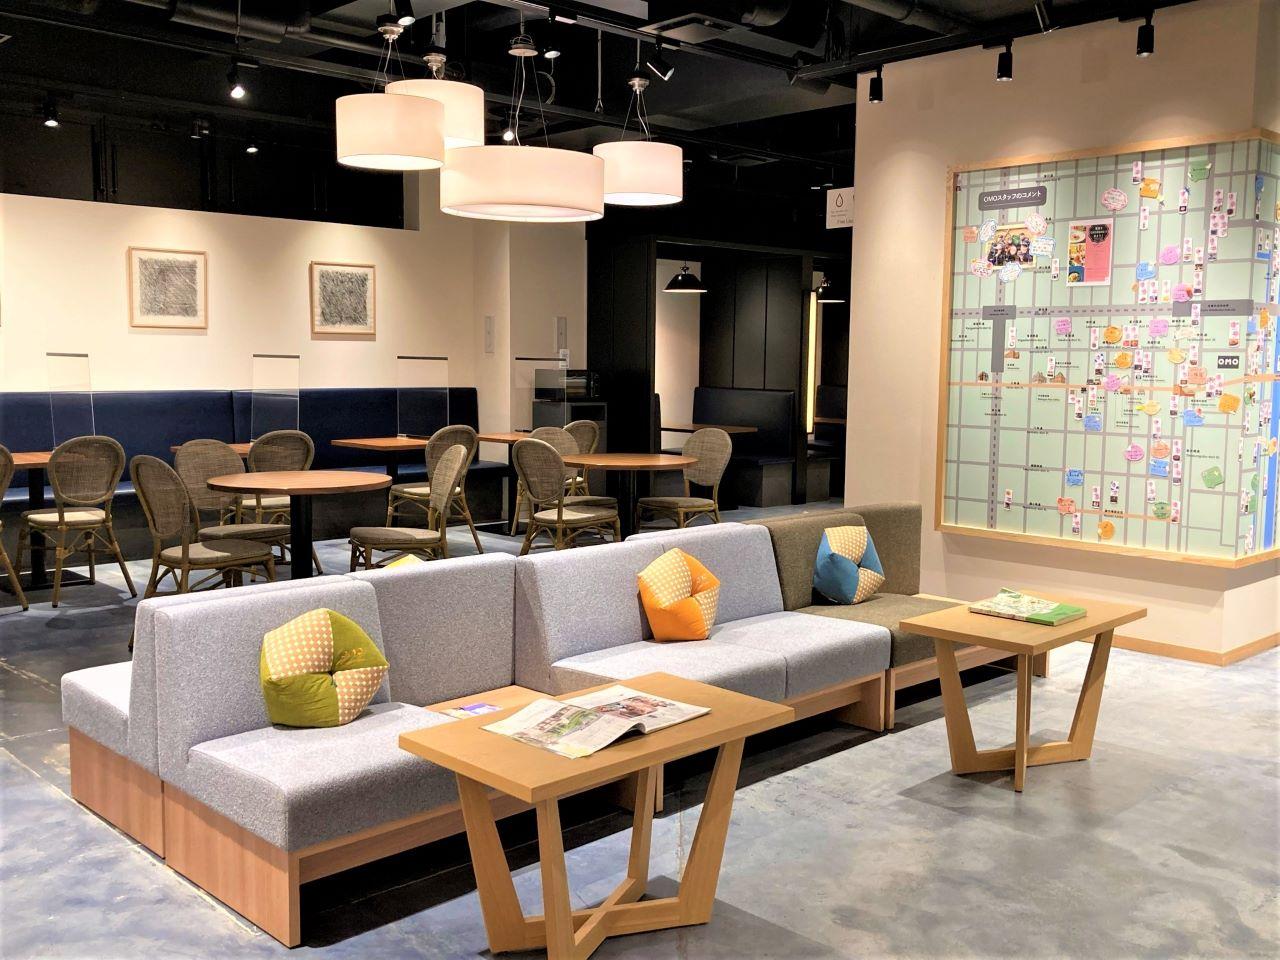 【星野リゾート OMO5京都三条 宿泊ルポ 前編】京都らしい景色とゆとりある客室、優しい朝食でおもてなし 画像1